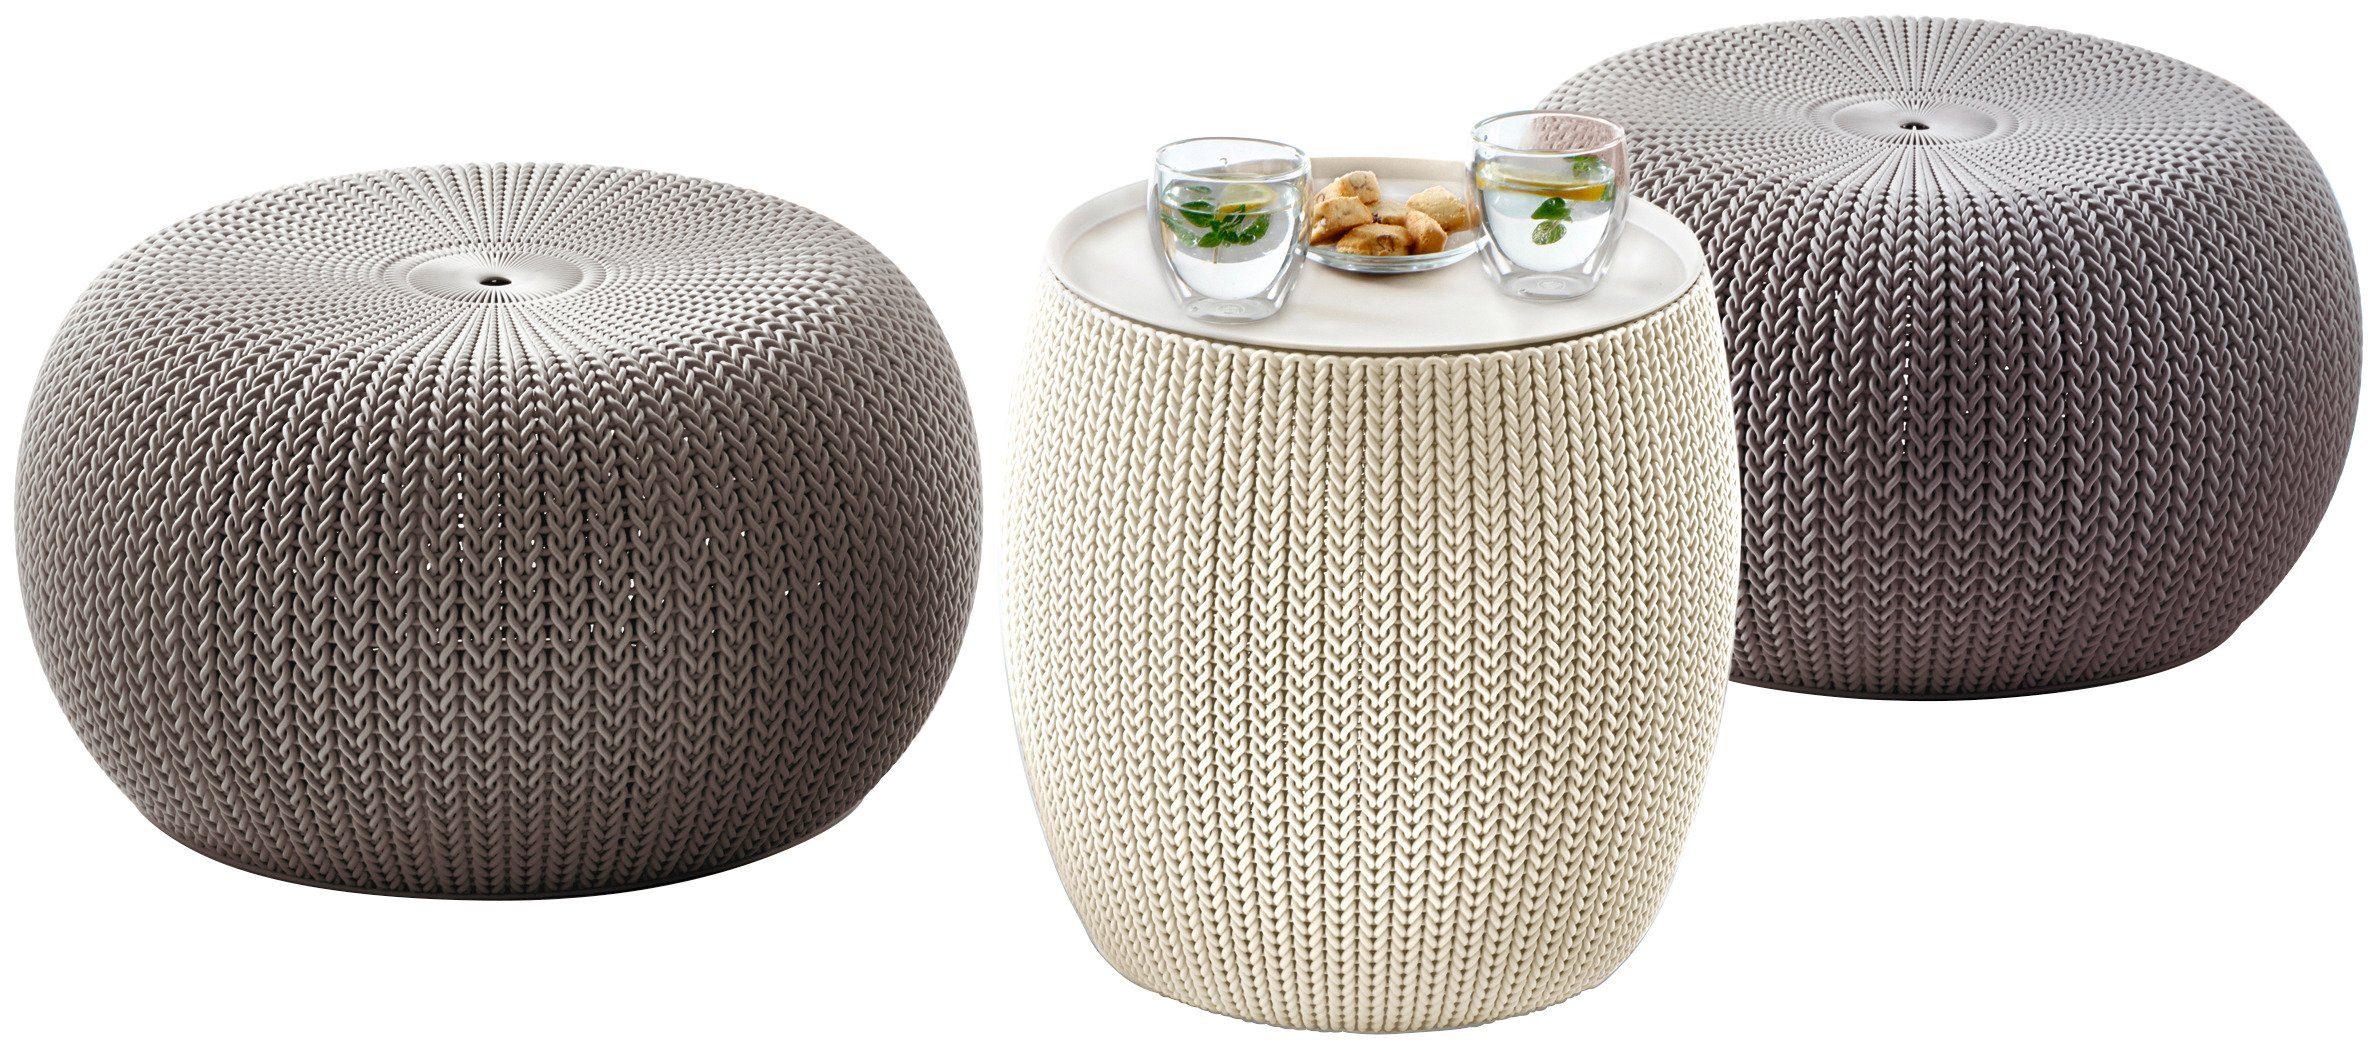 3-tlg. Gartenmöbelset »Cozy Urban«, 2 Sitzpuffs,TischØ 40,6 cm, Kunststoff, taupe/creme